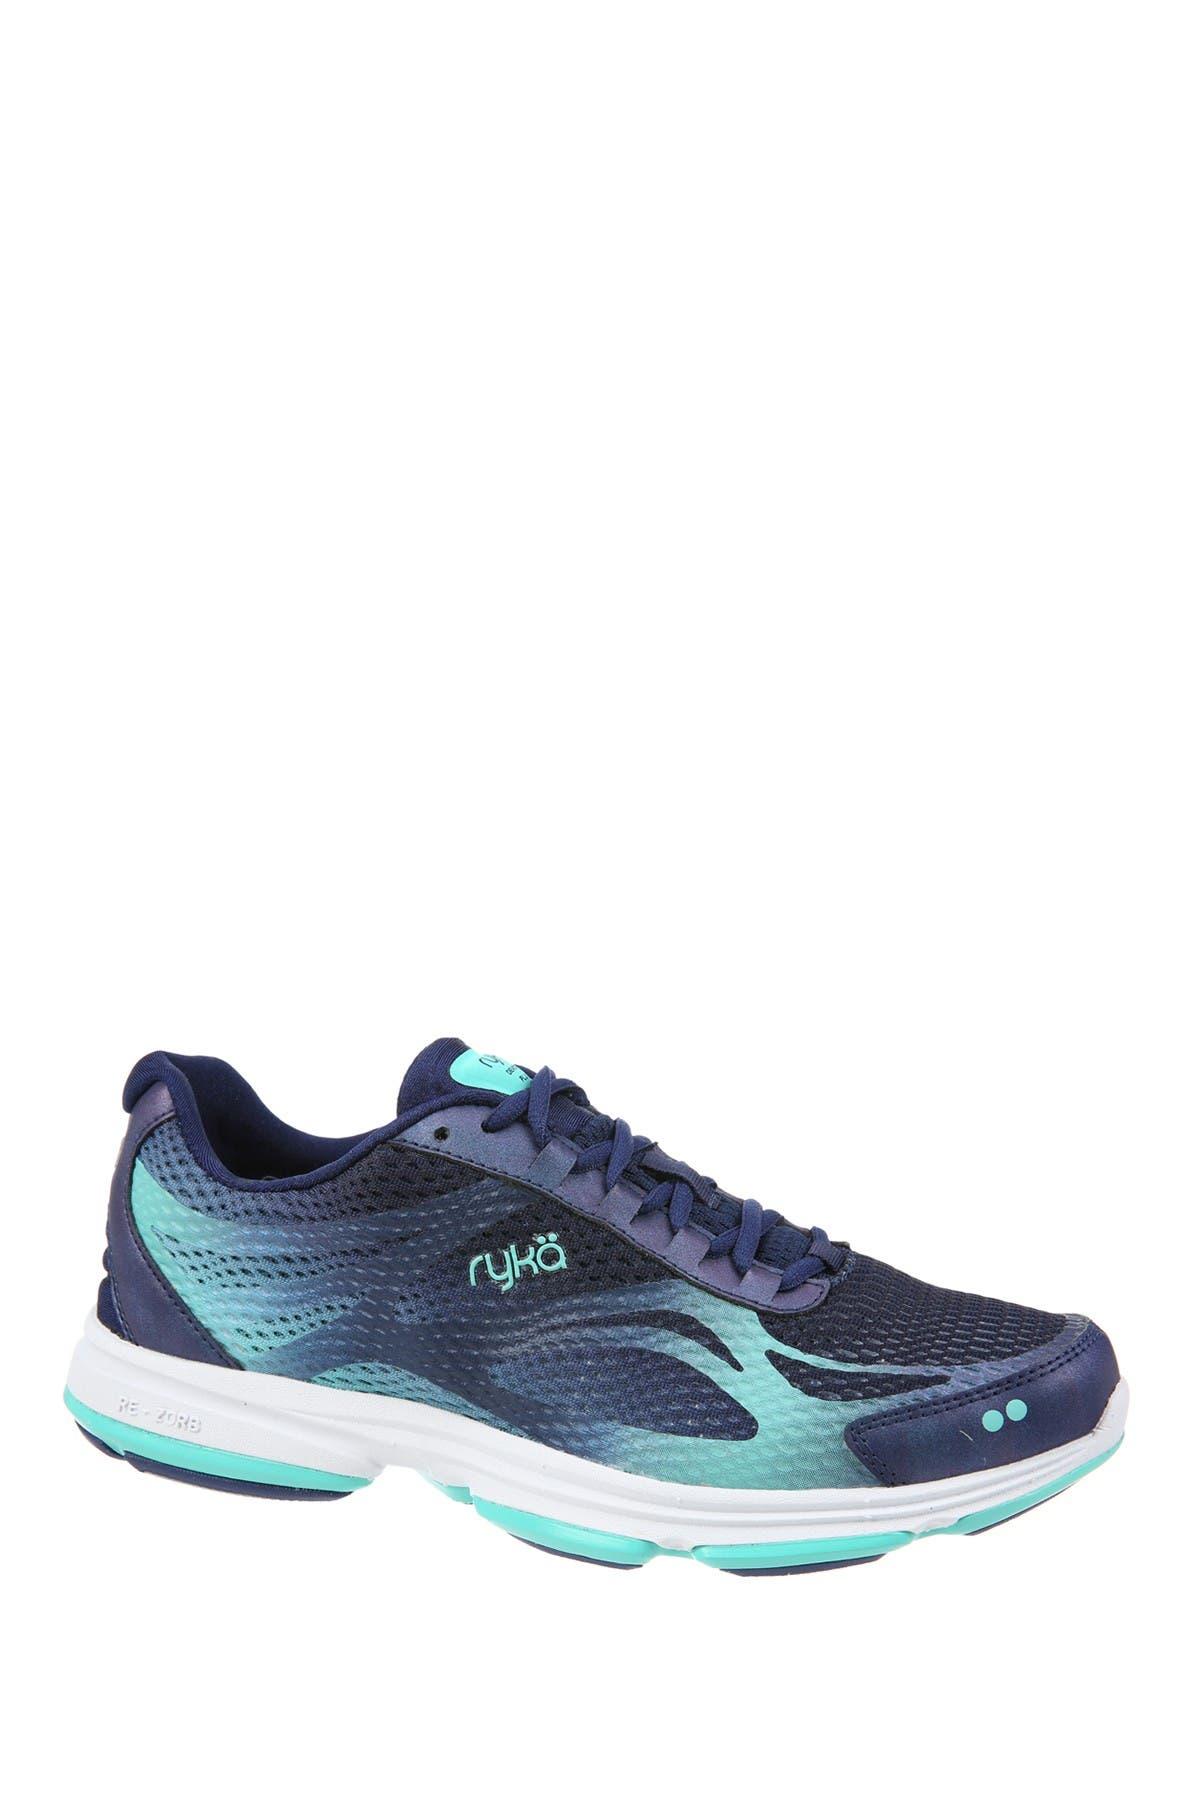 Ryka | Devo Plus 2 Walking Sneaker